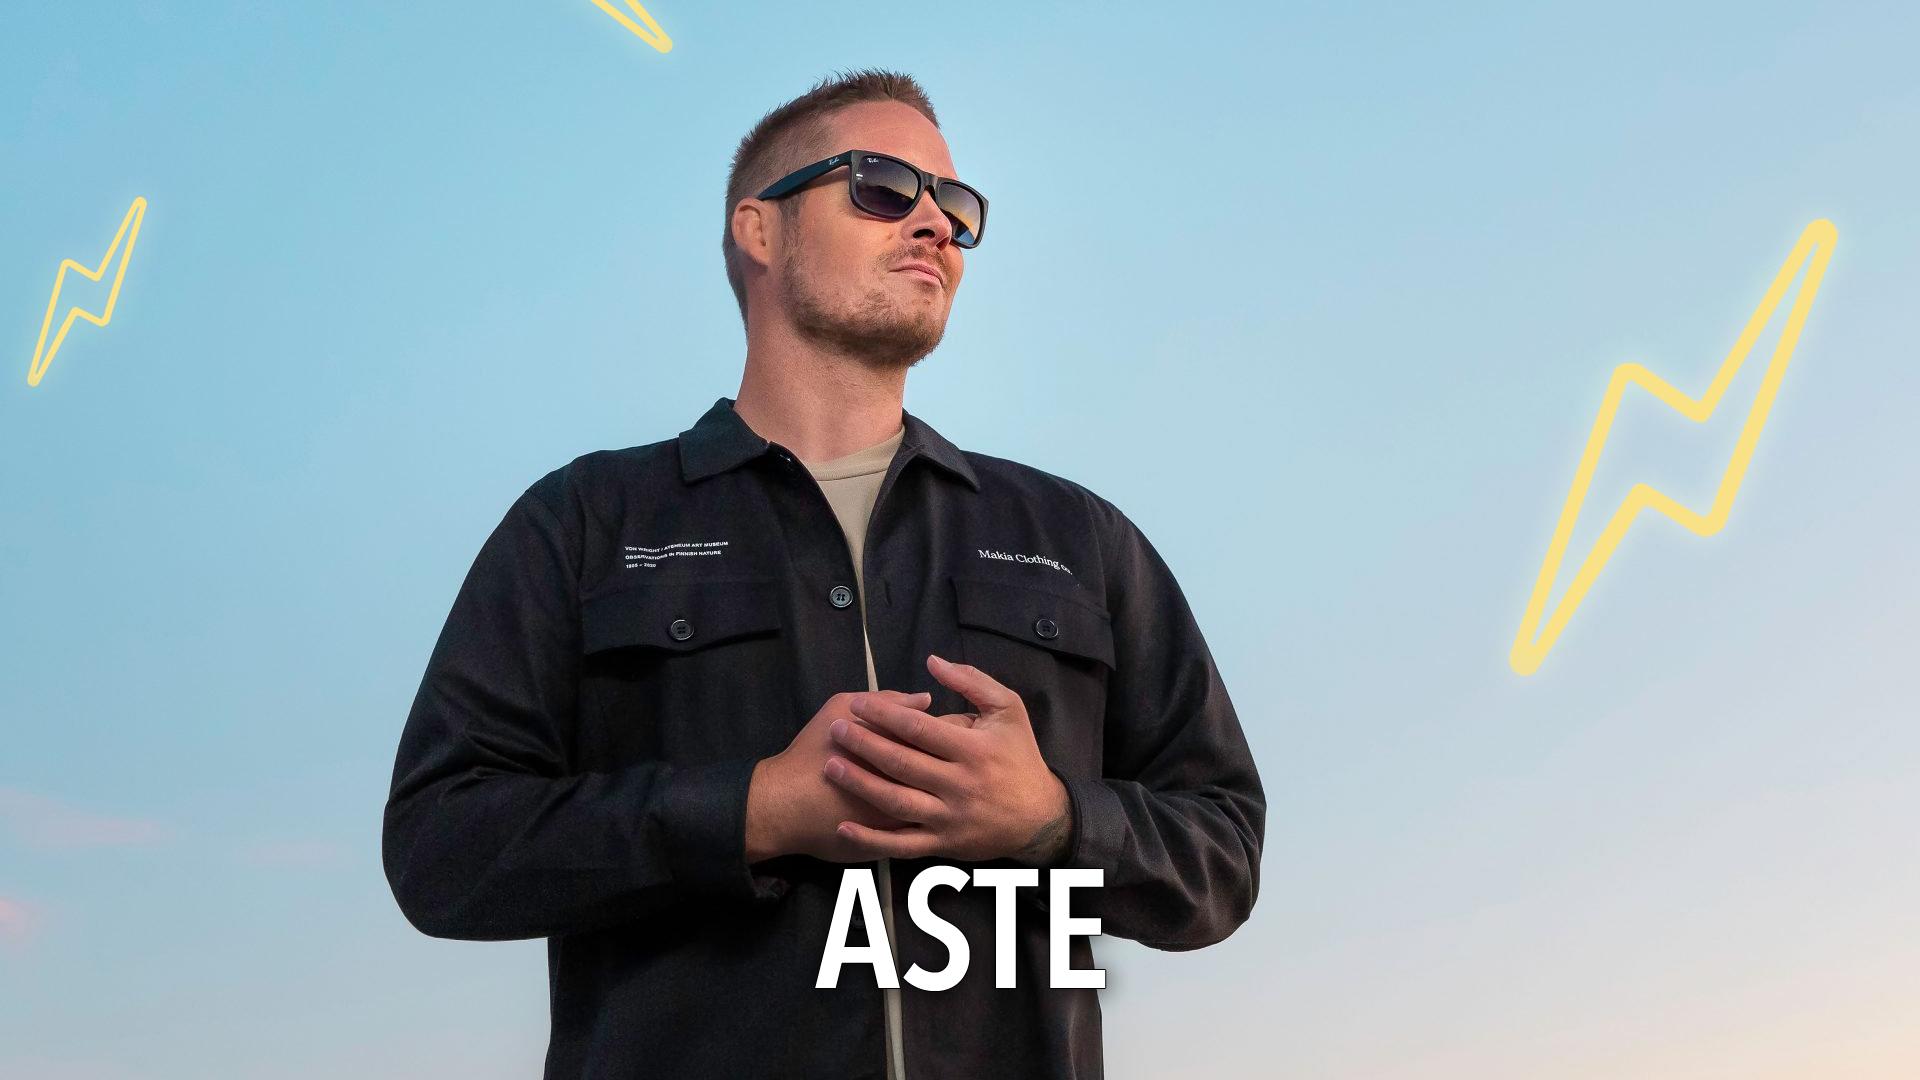 ASTE_1920x1080